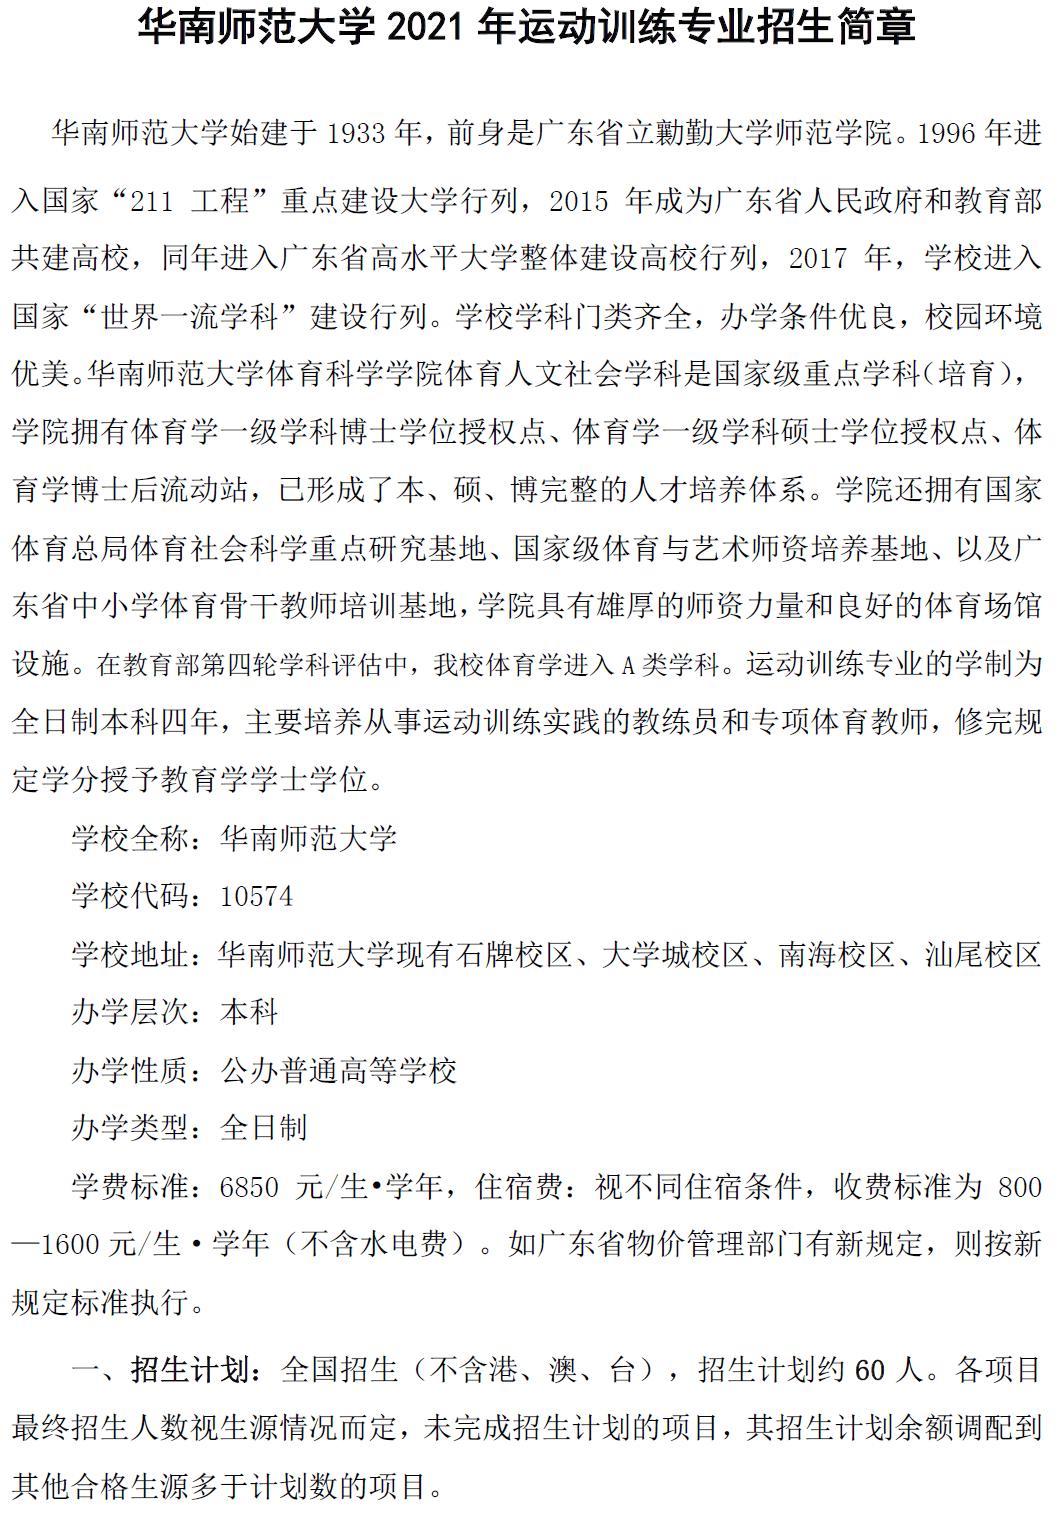 华师2021运动训练专业招生简章:7项目招生,2月1日起网上注册